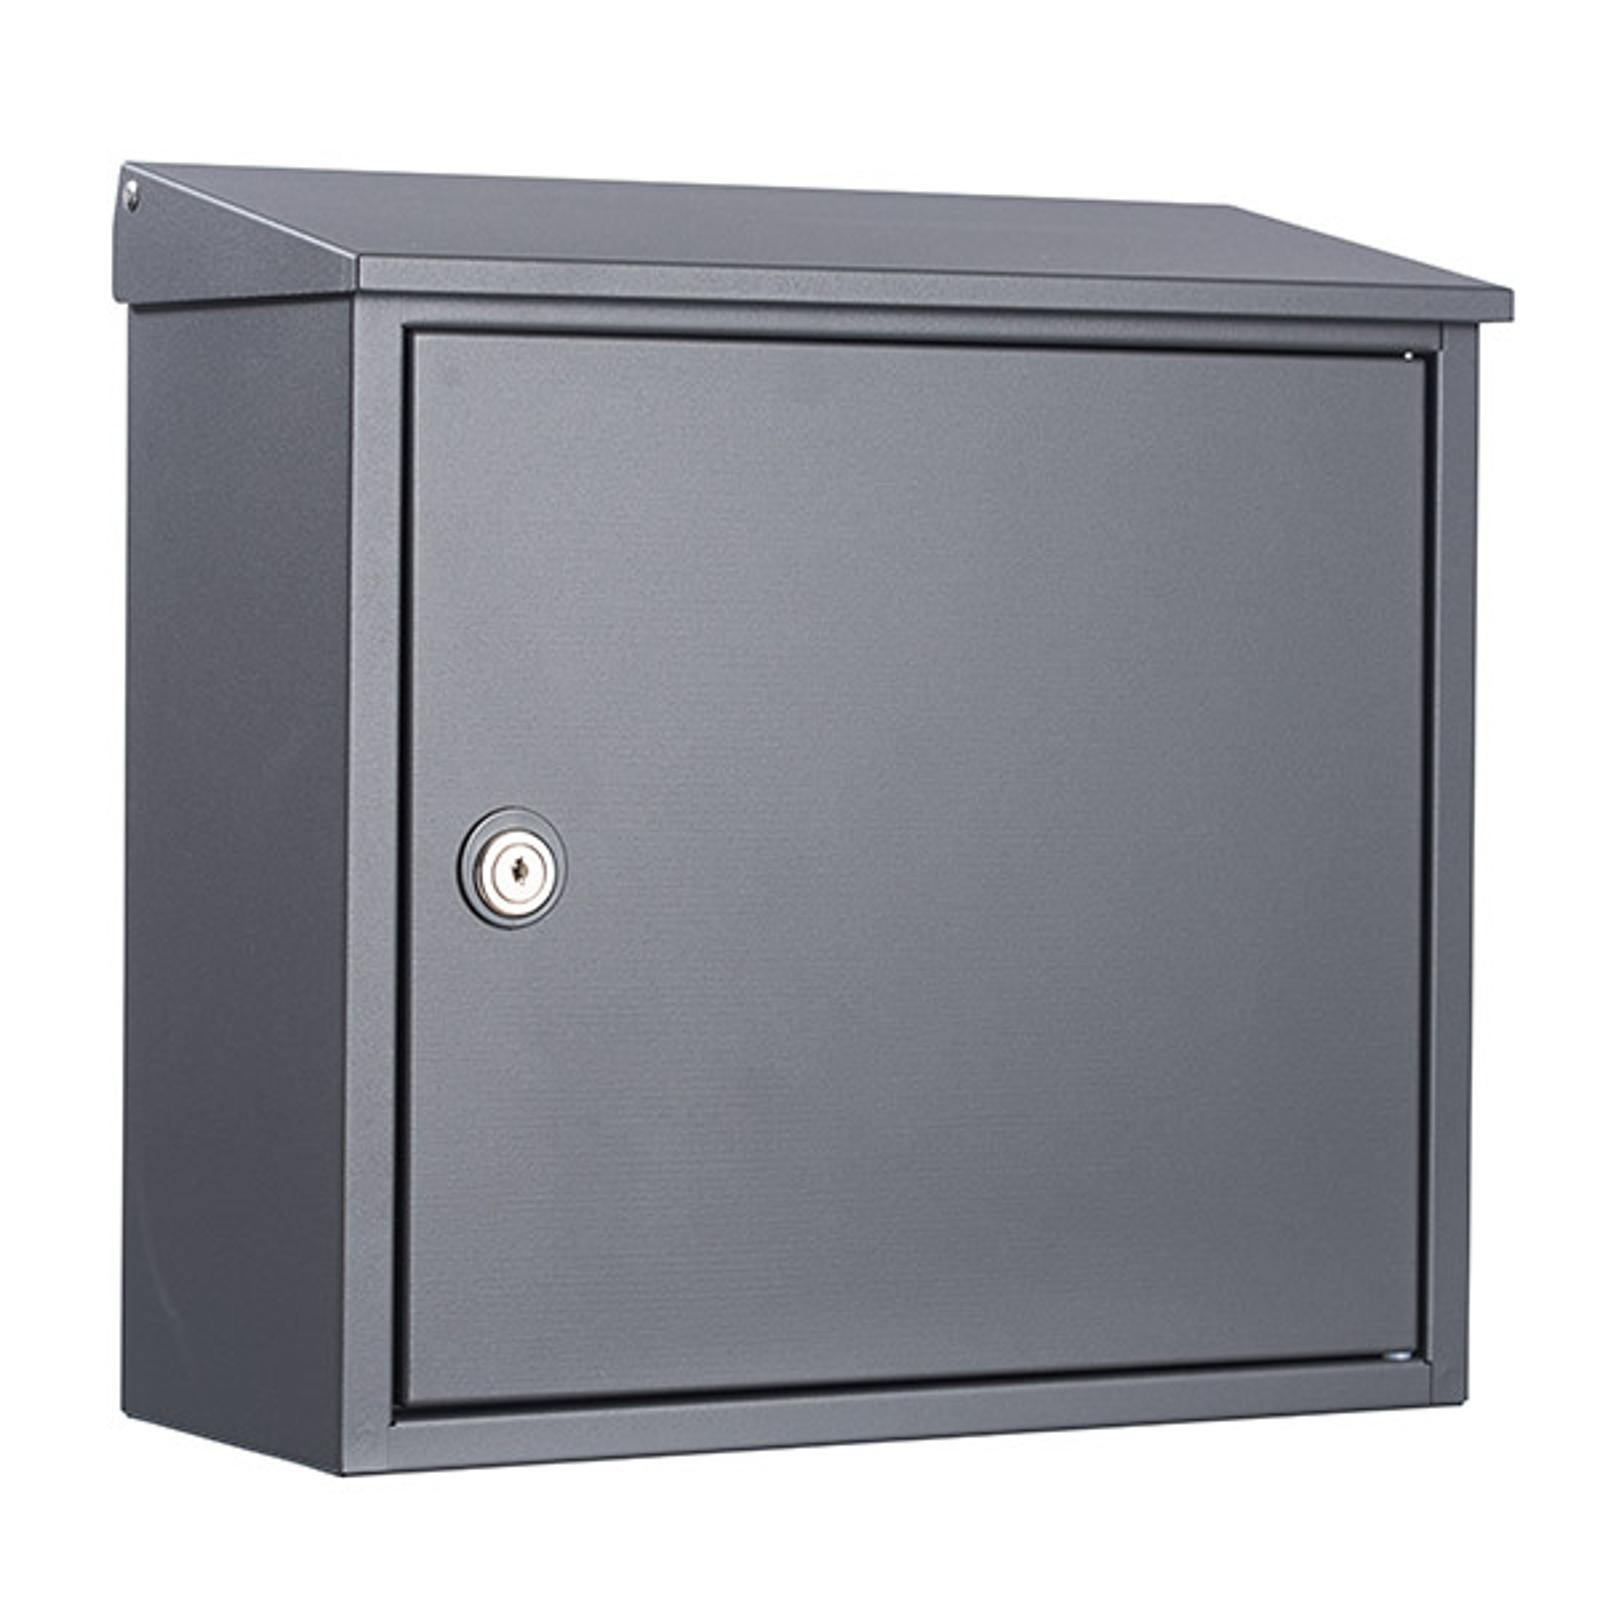 Nástenná poštová schránka Allux 400_1045240_1